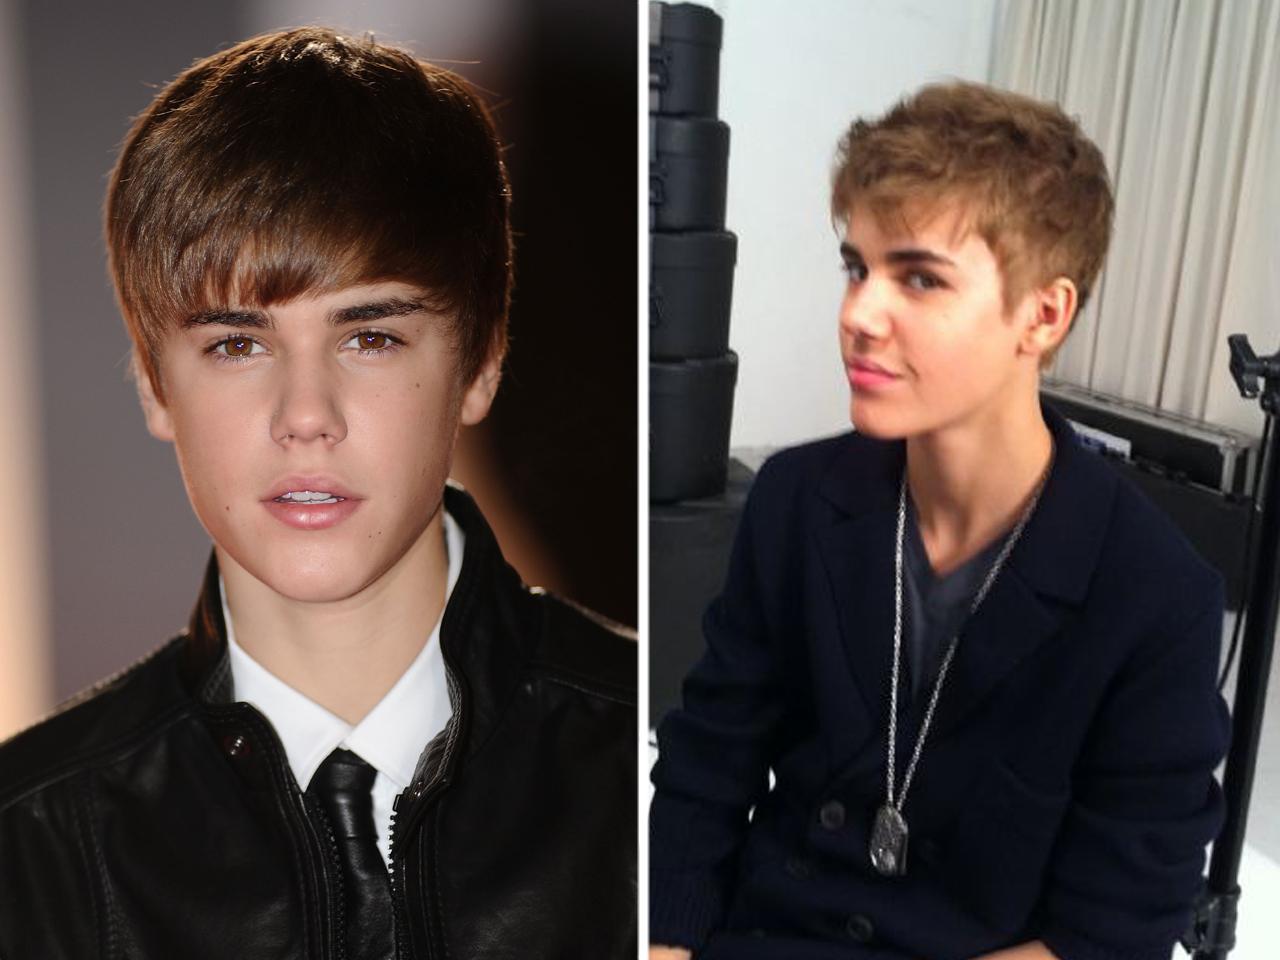 Justin Bieber cuts his hair - CBS News